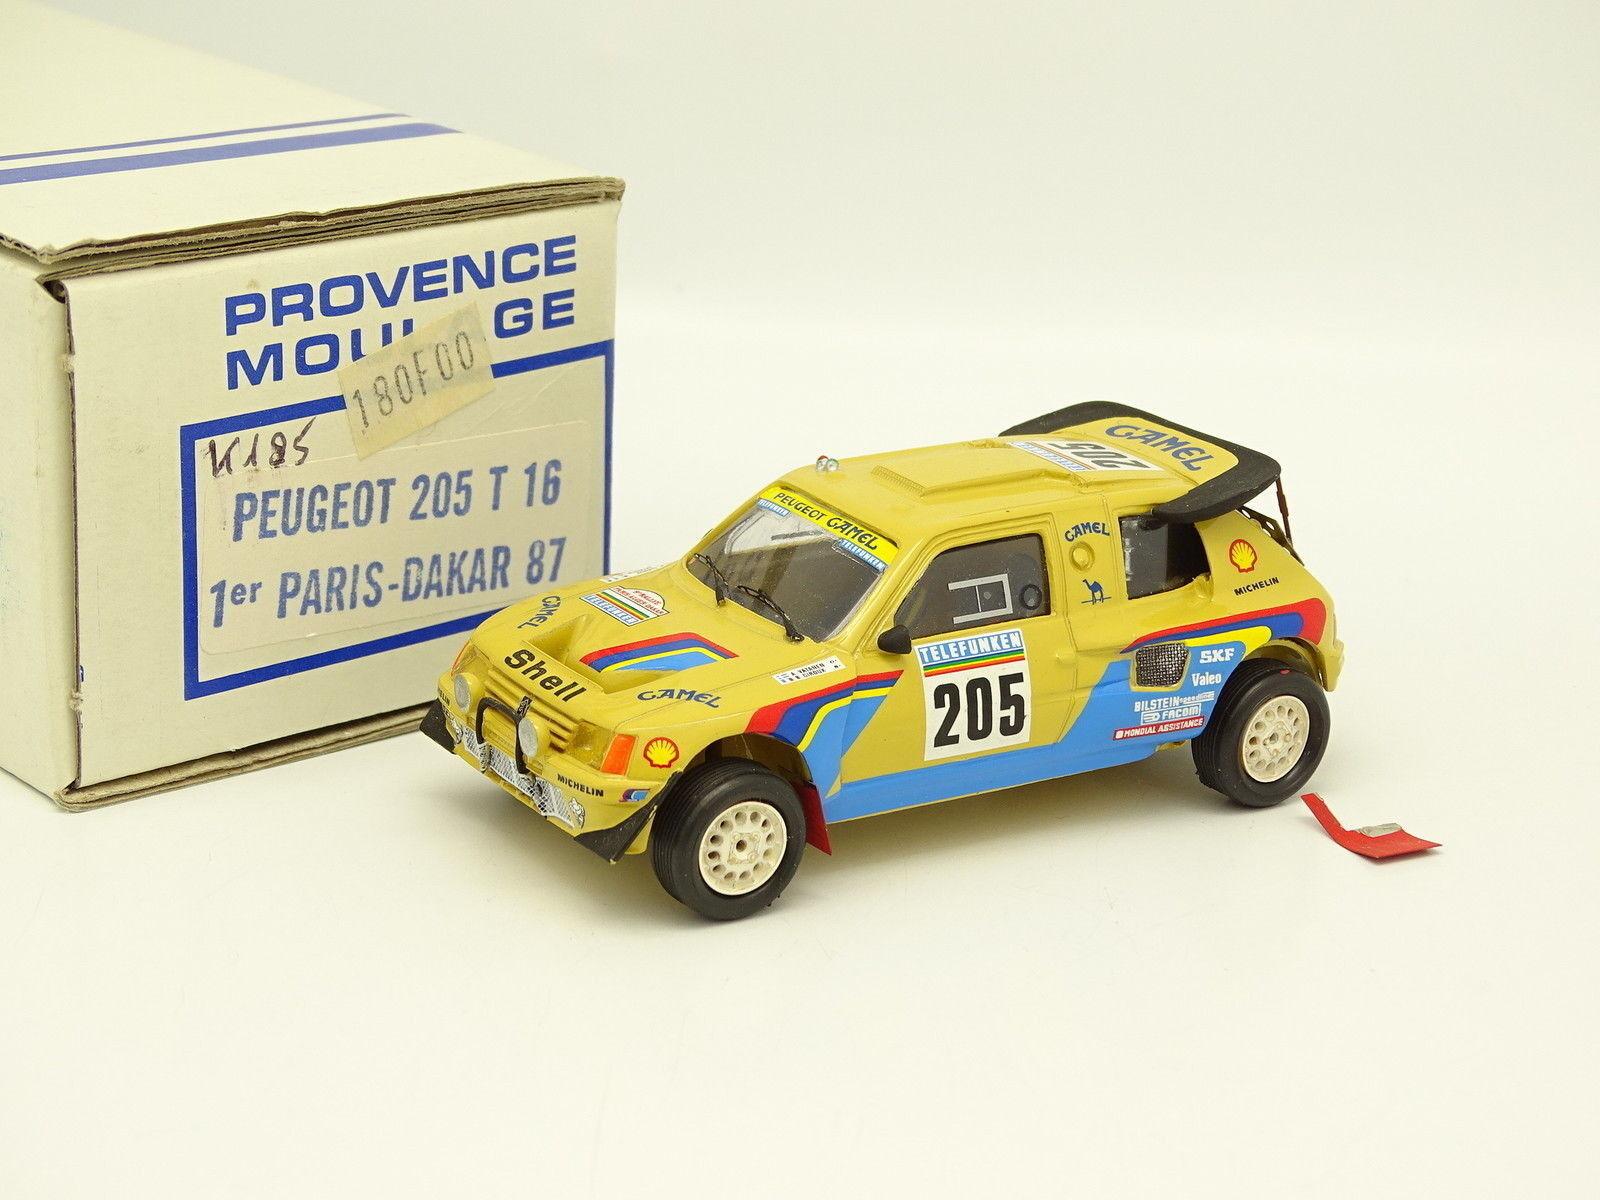 Provence Moulage Kit Monté 1 43 - Peugeot 205 T16 Paris Dakar 87 Winner Vatanen